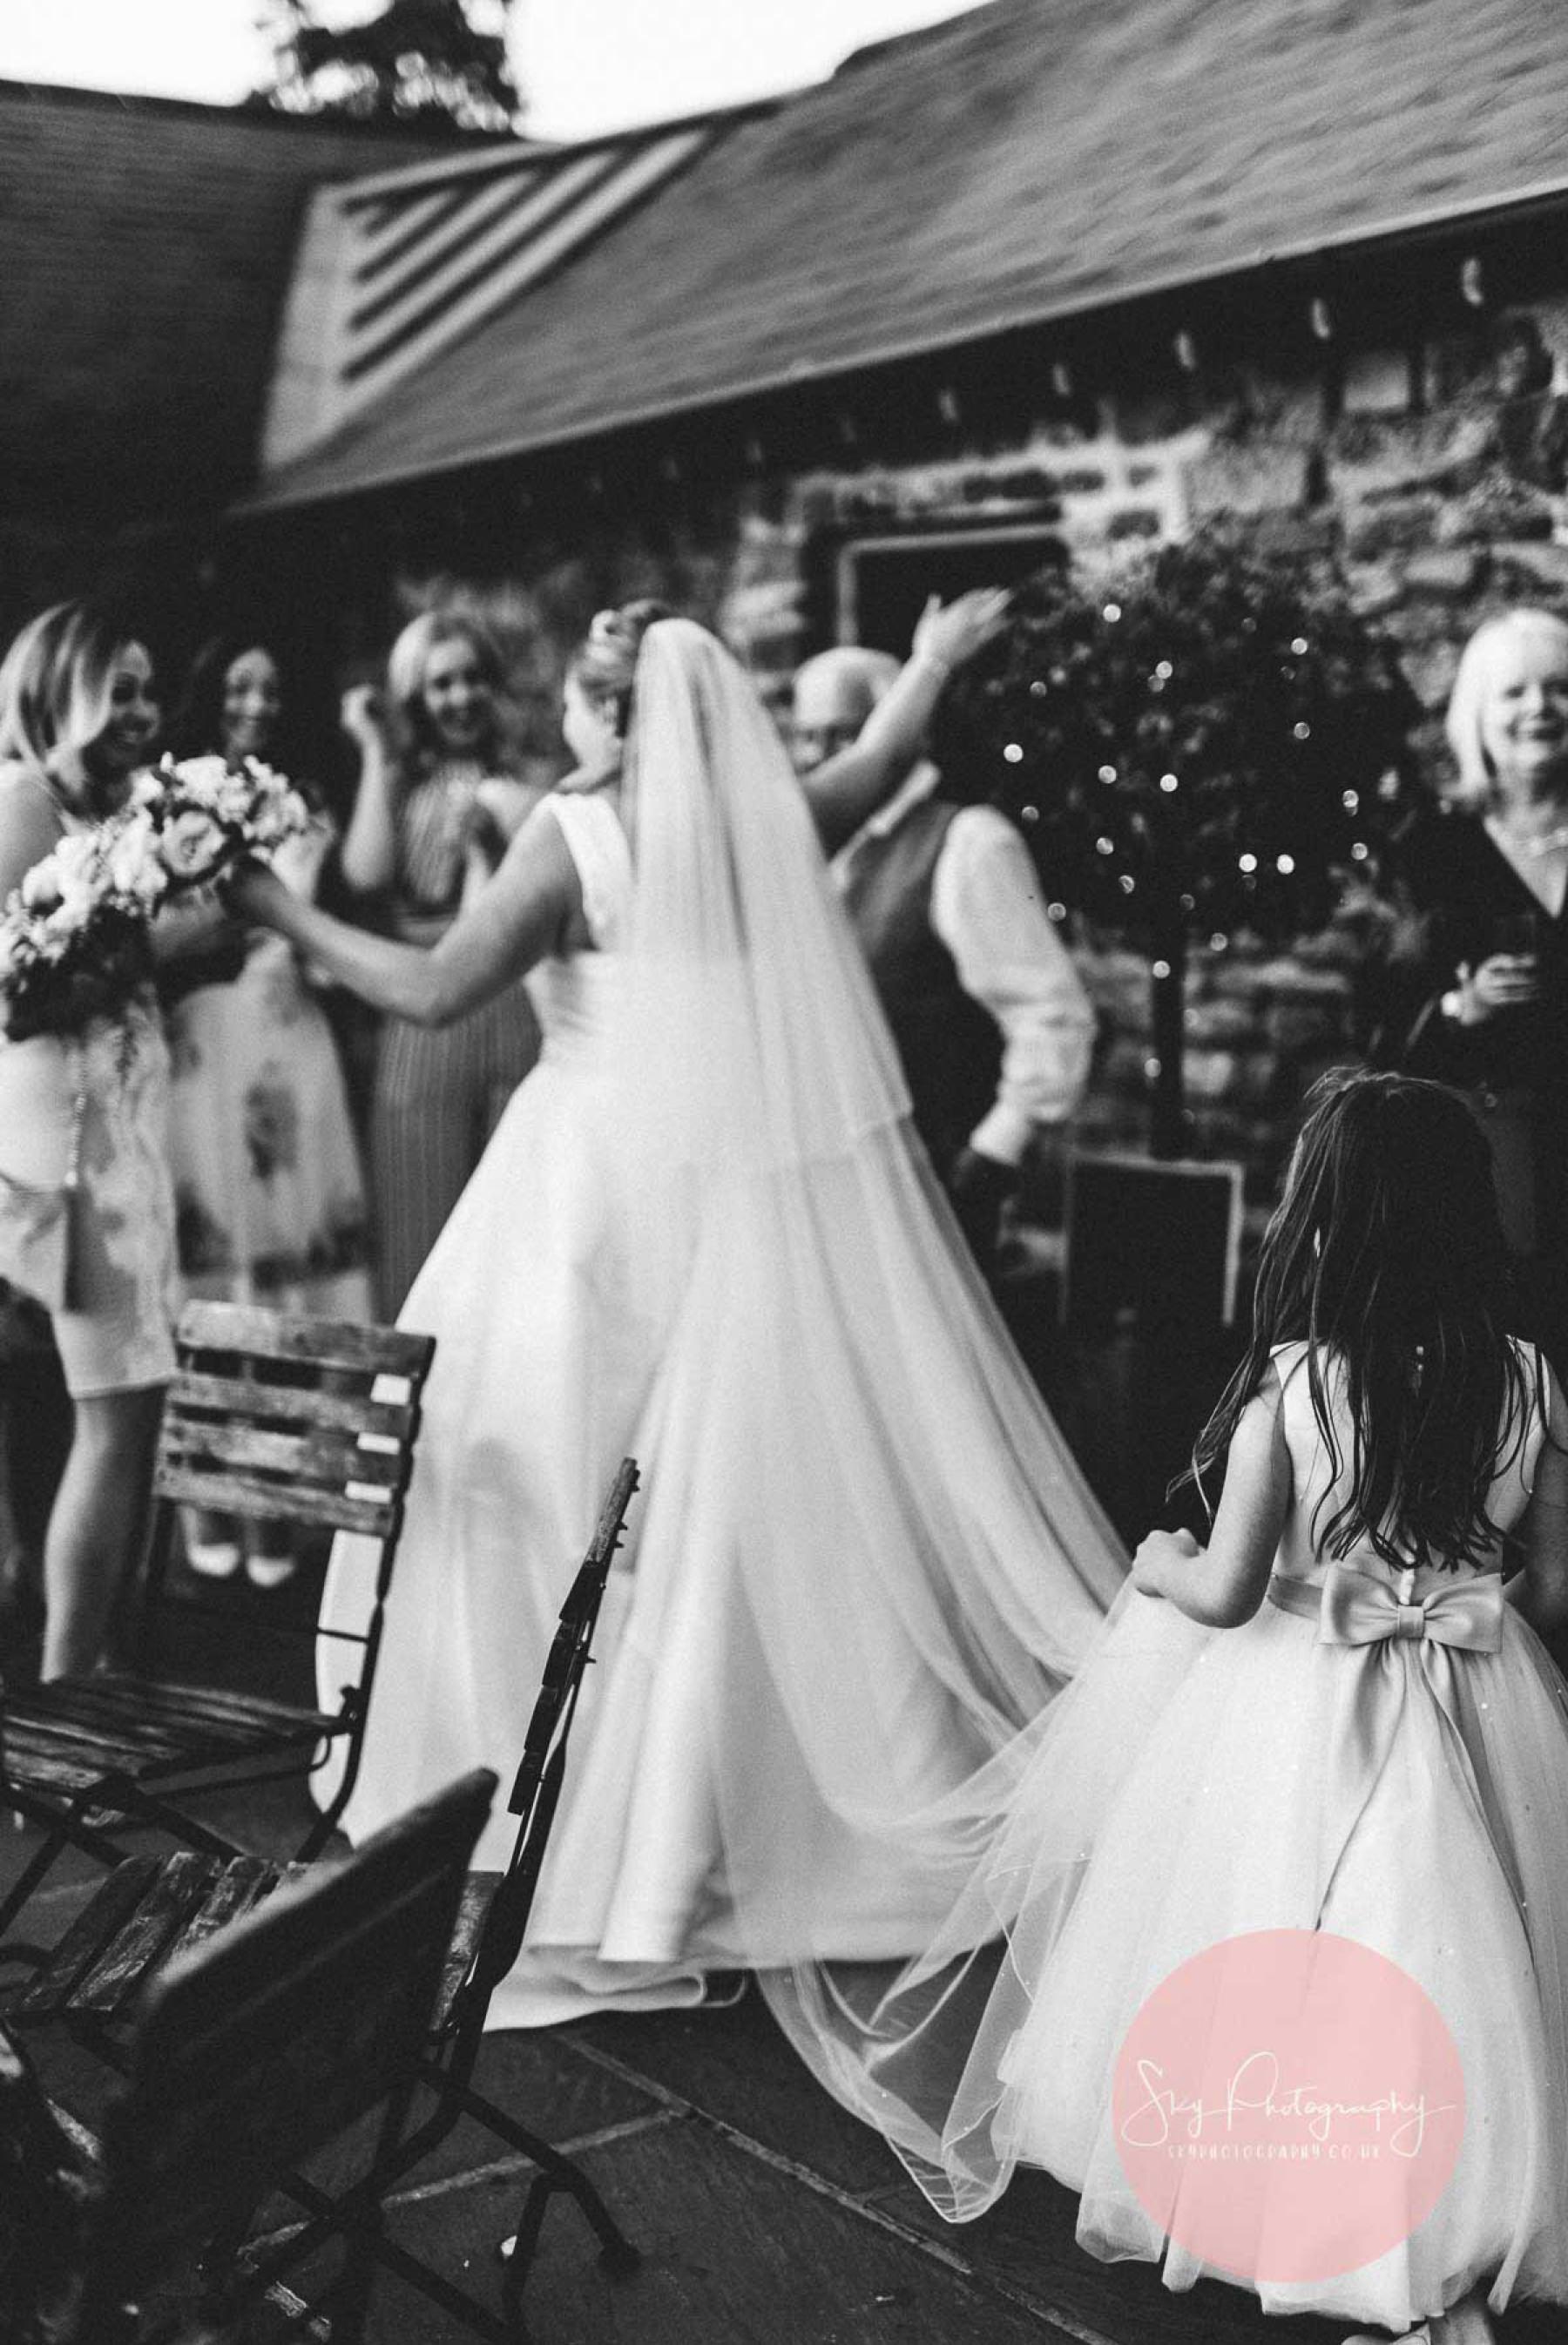 Flower girl holding the brides dress